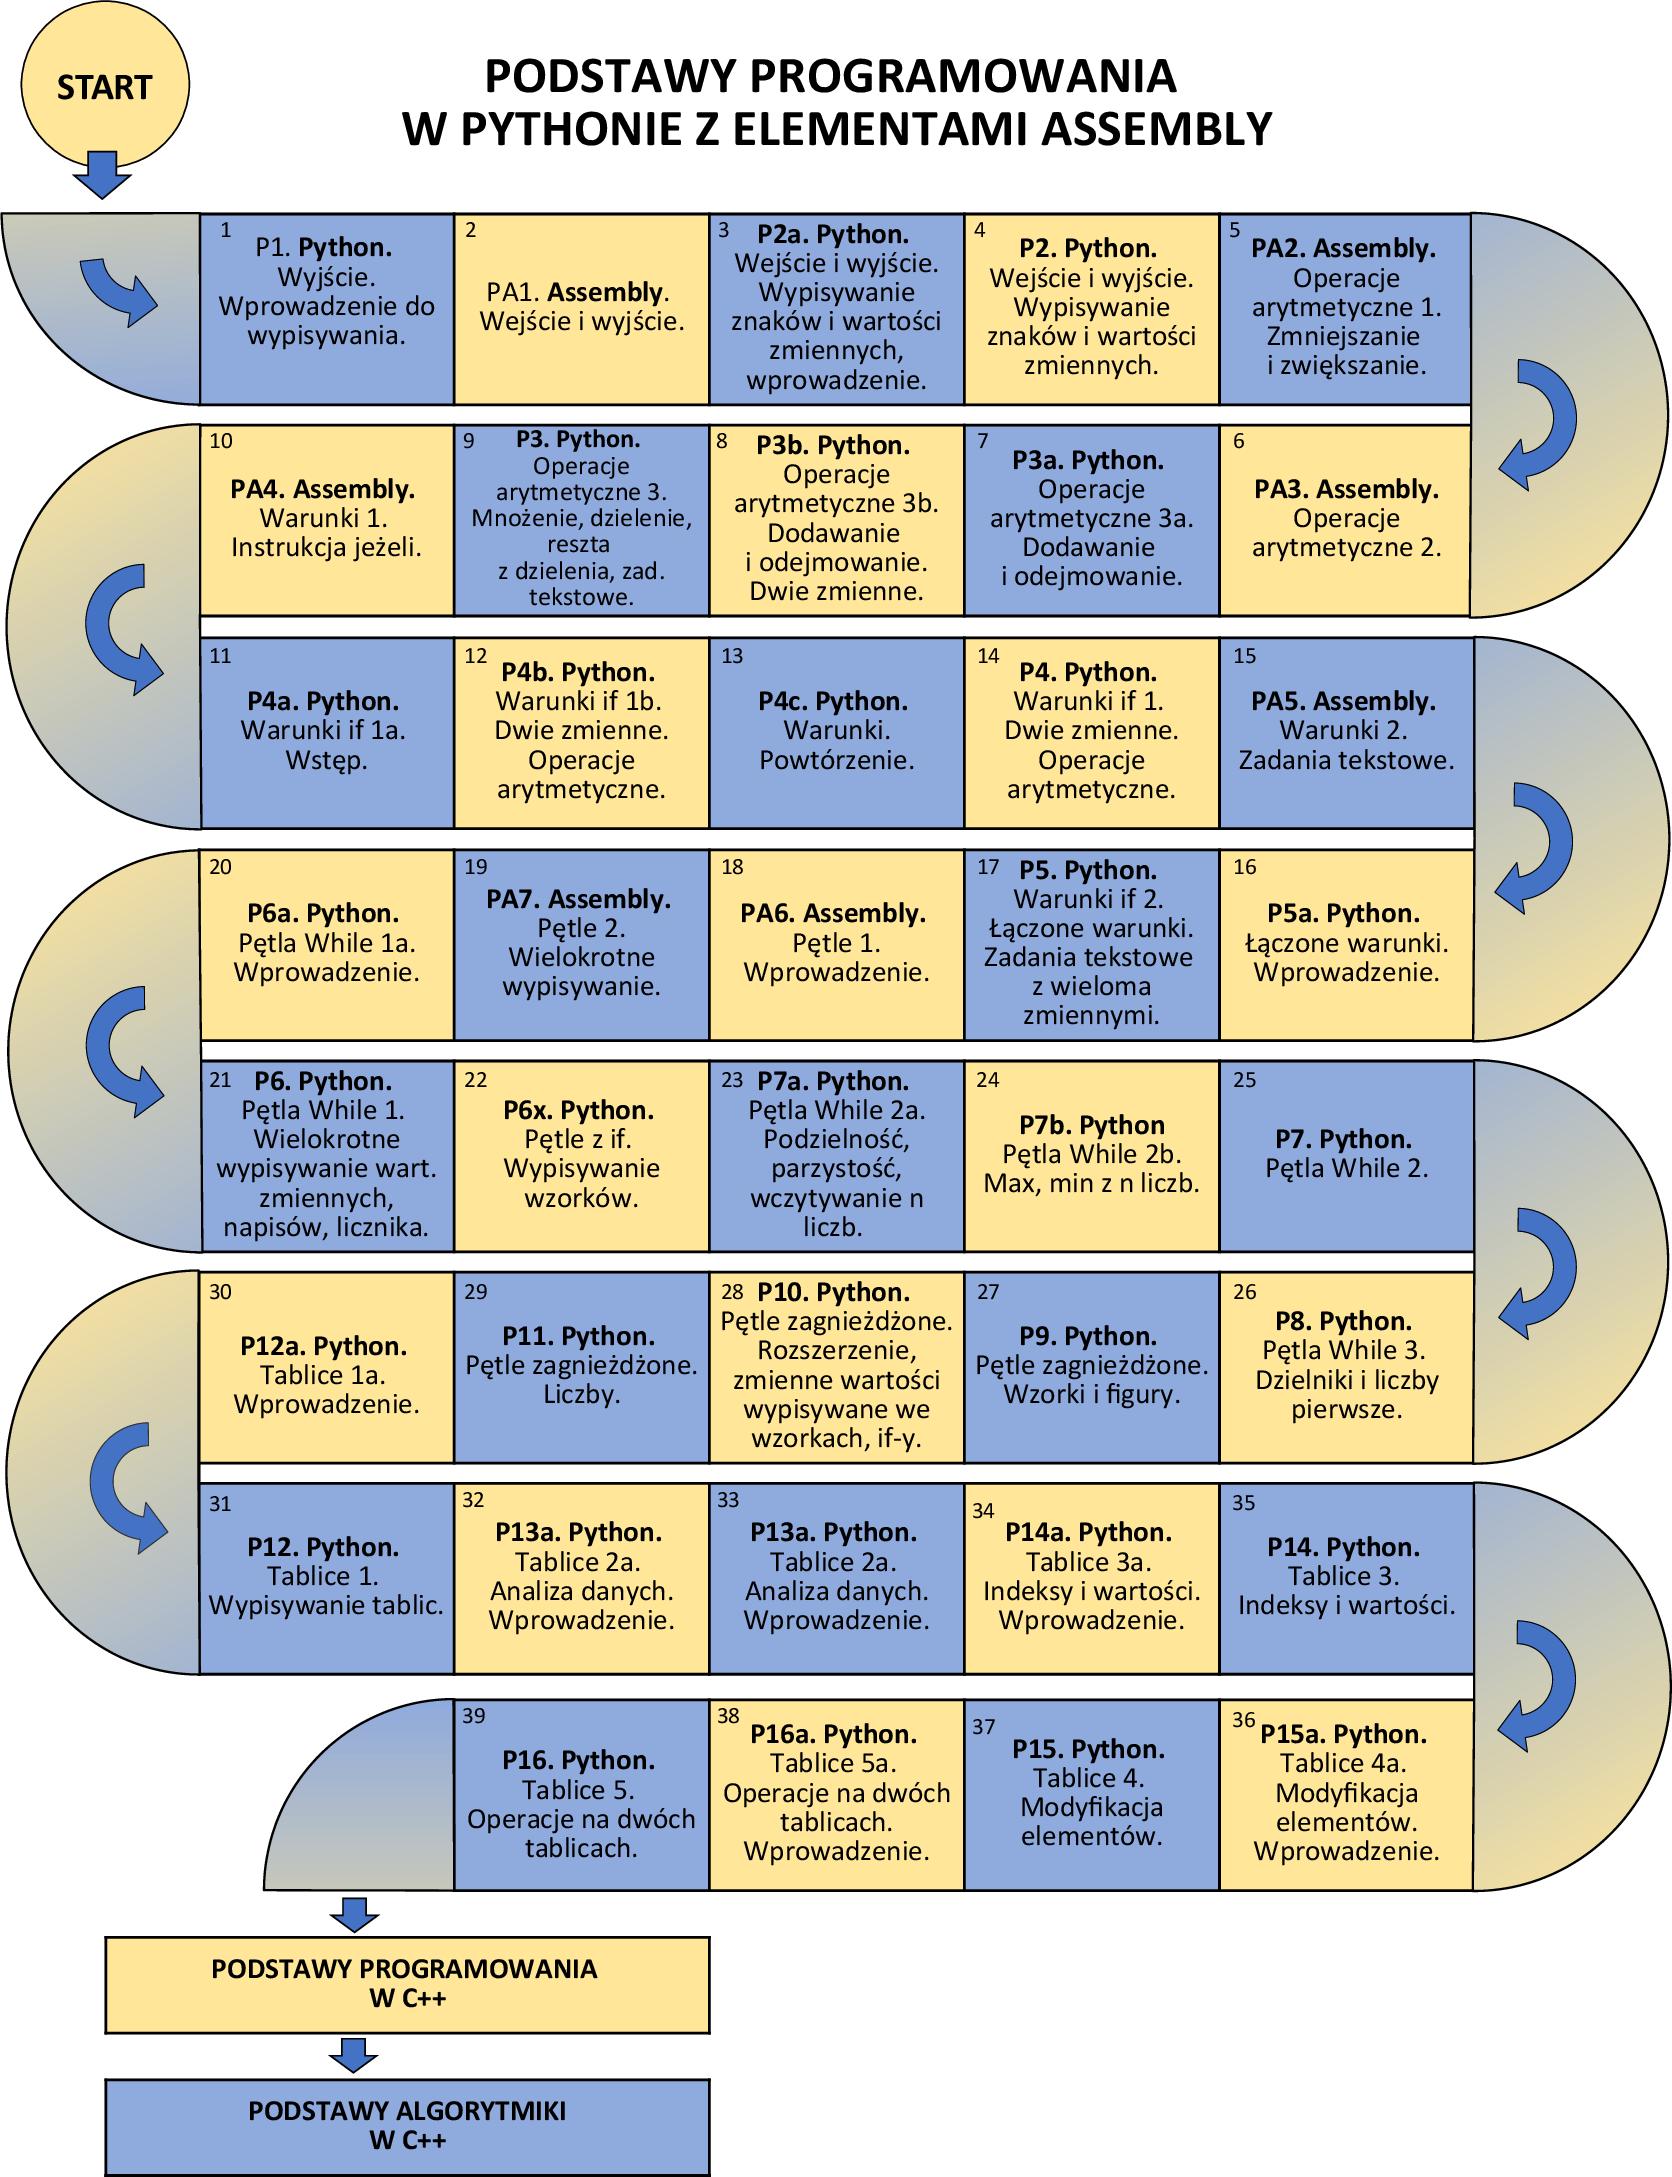 Programowanie Python dla dzieci (z elementami Assembly)